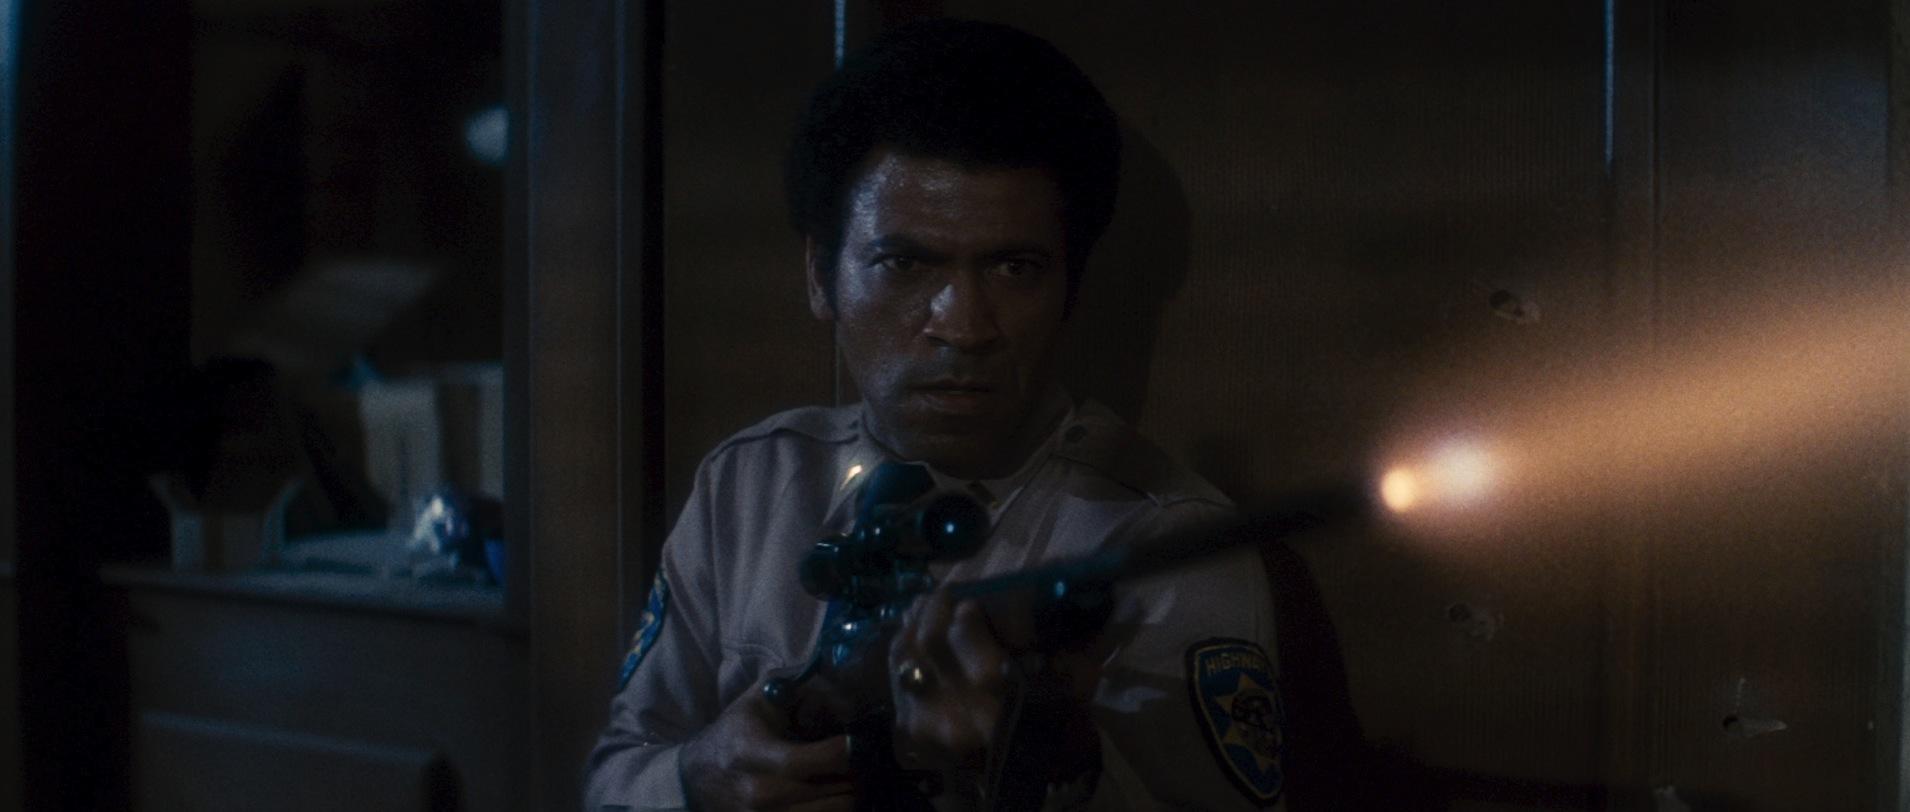 John Carpenter's Assault on Precinct 13: Action on a Sweet ...